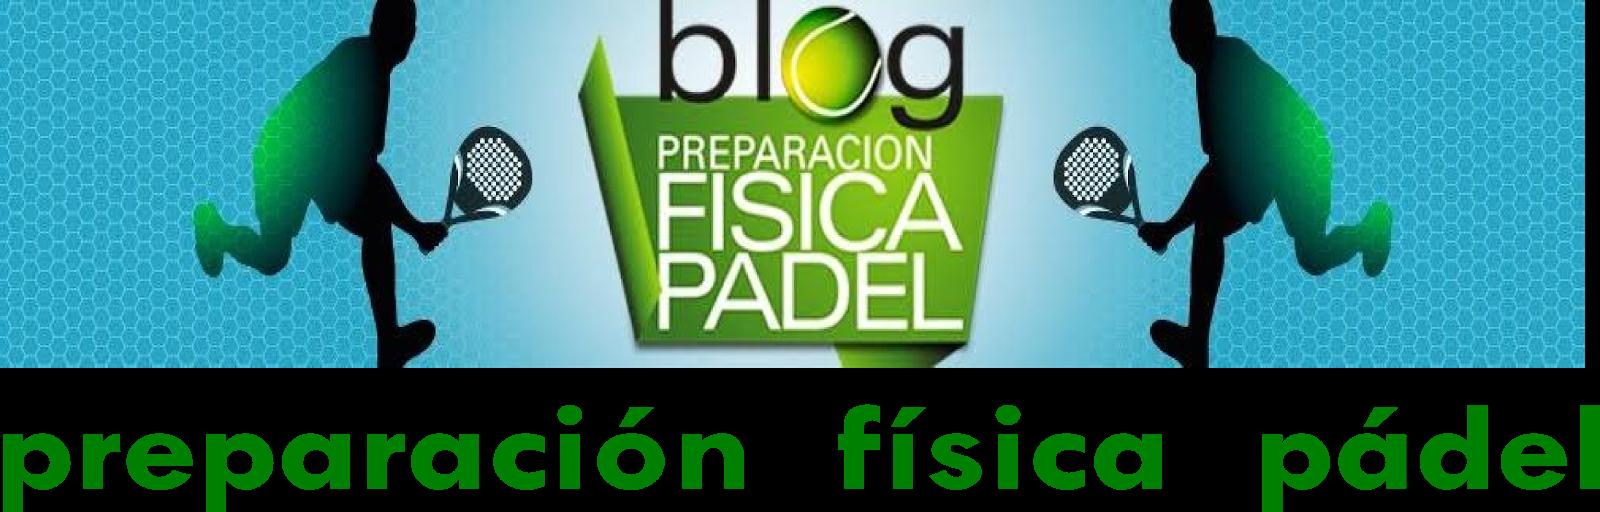 PREPARACIÓN FÍSICA PÁDEL